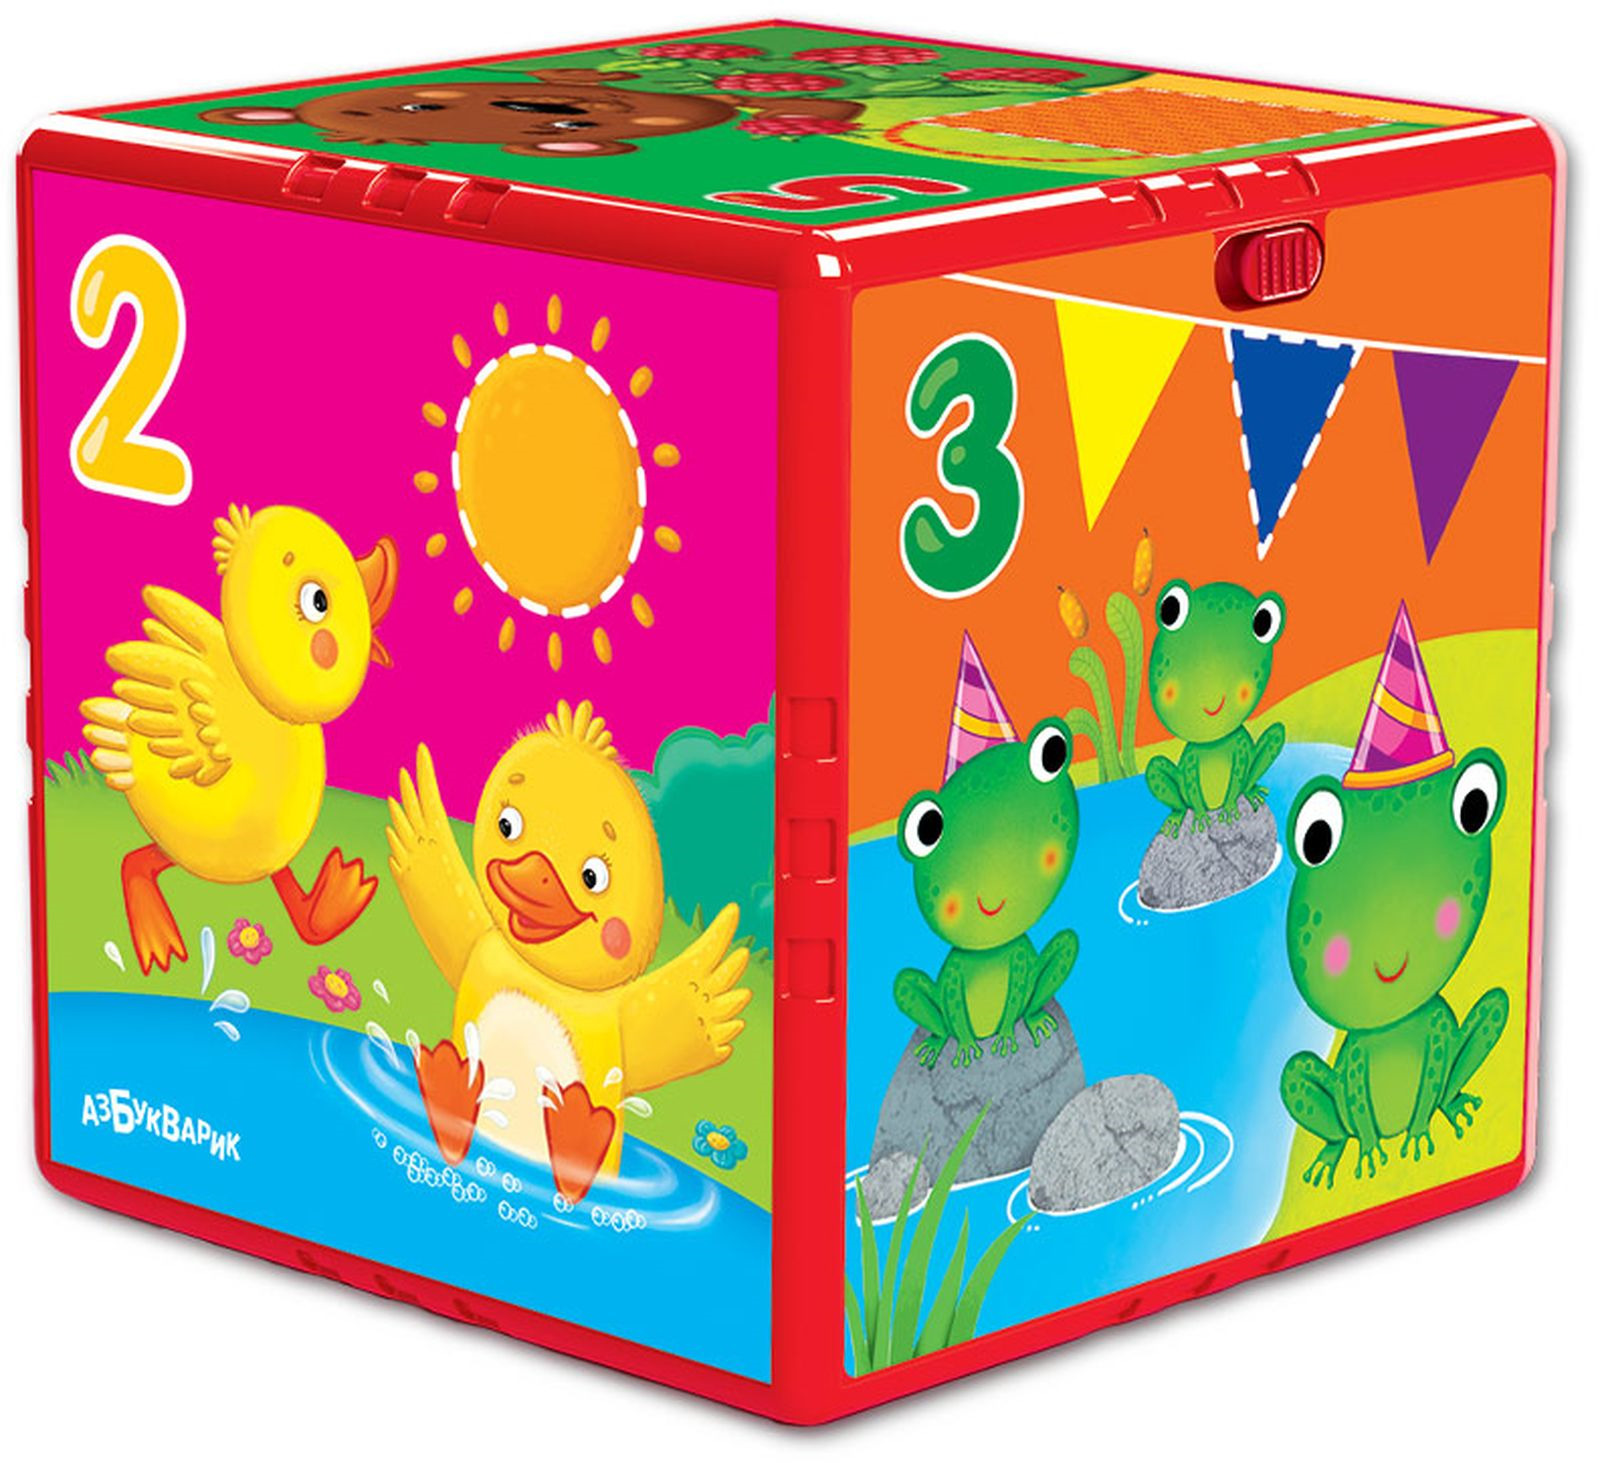 Музыкальная игрушка Азбукварик Говорящий кубик Счет, формы, цвета, 2046 азбукварик двухсторонний говорящий плакат азбукварик азбука и счет